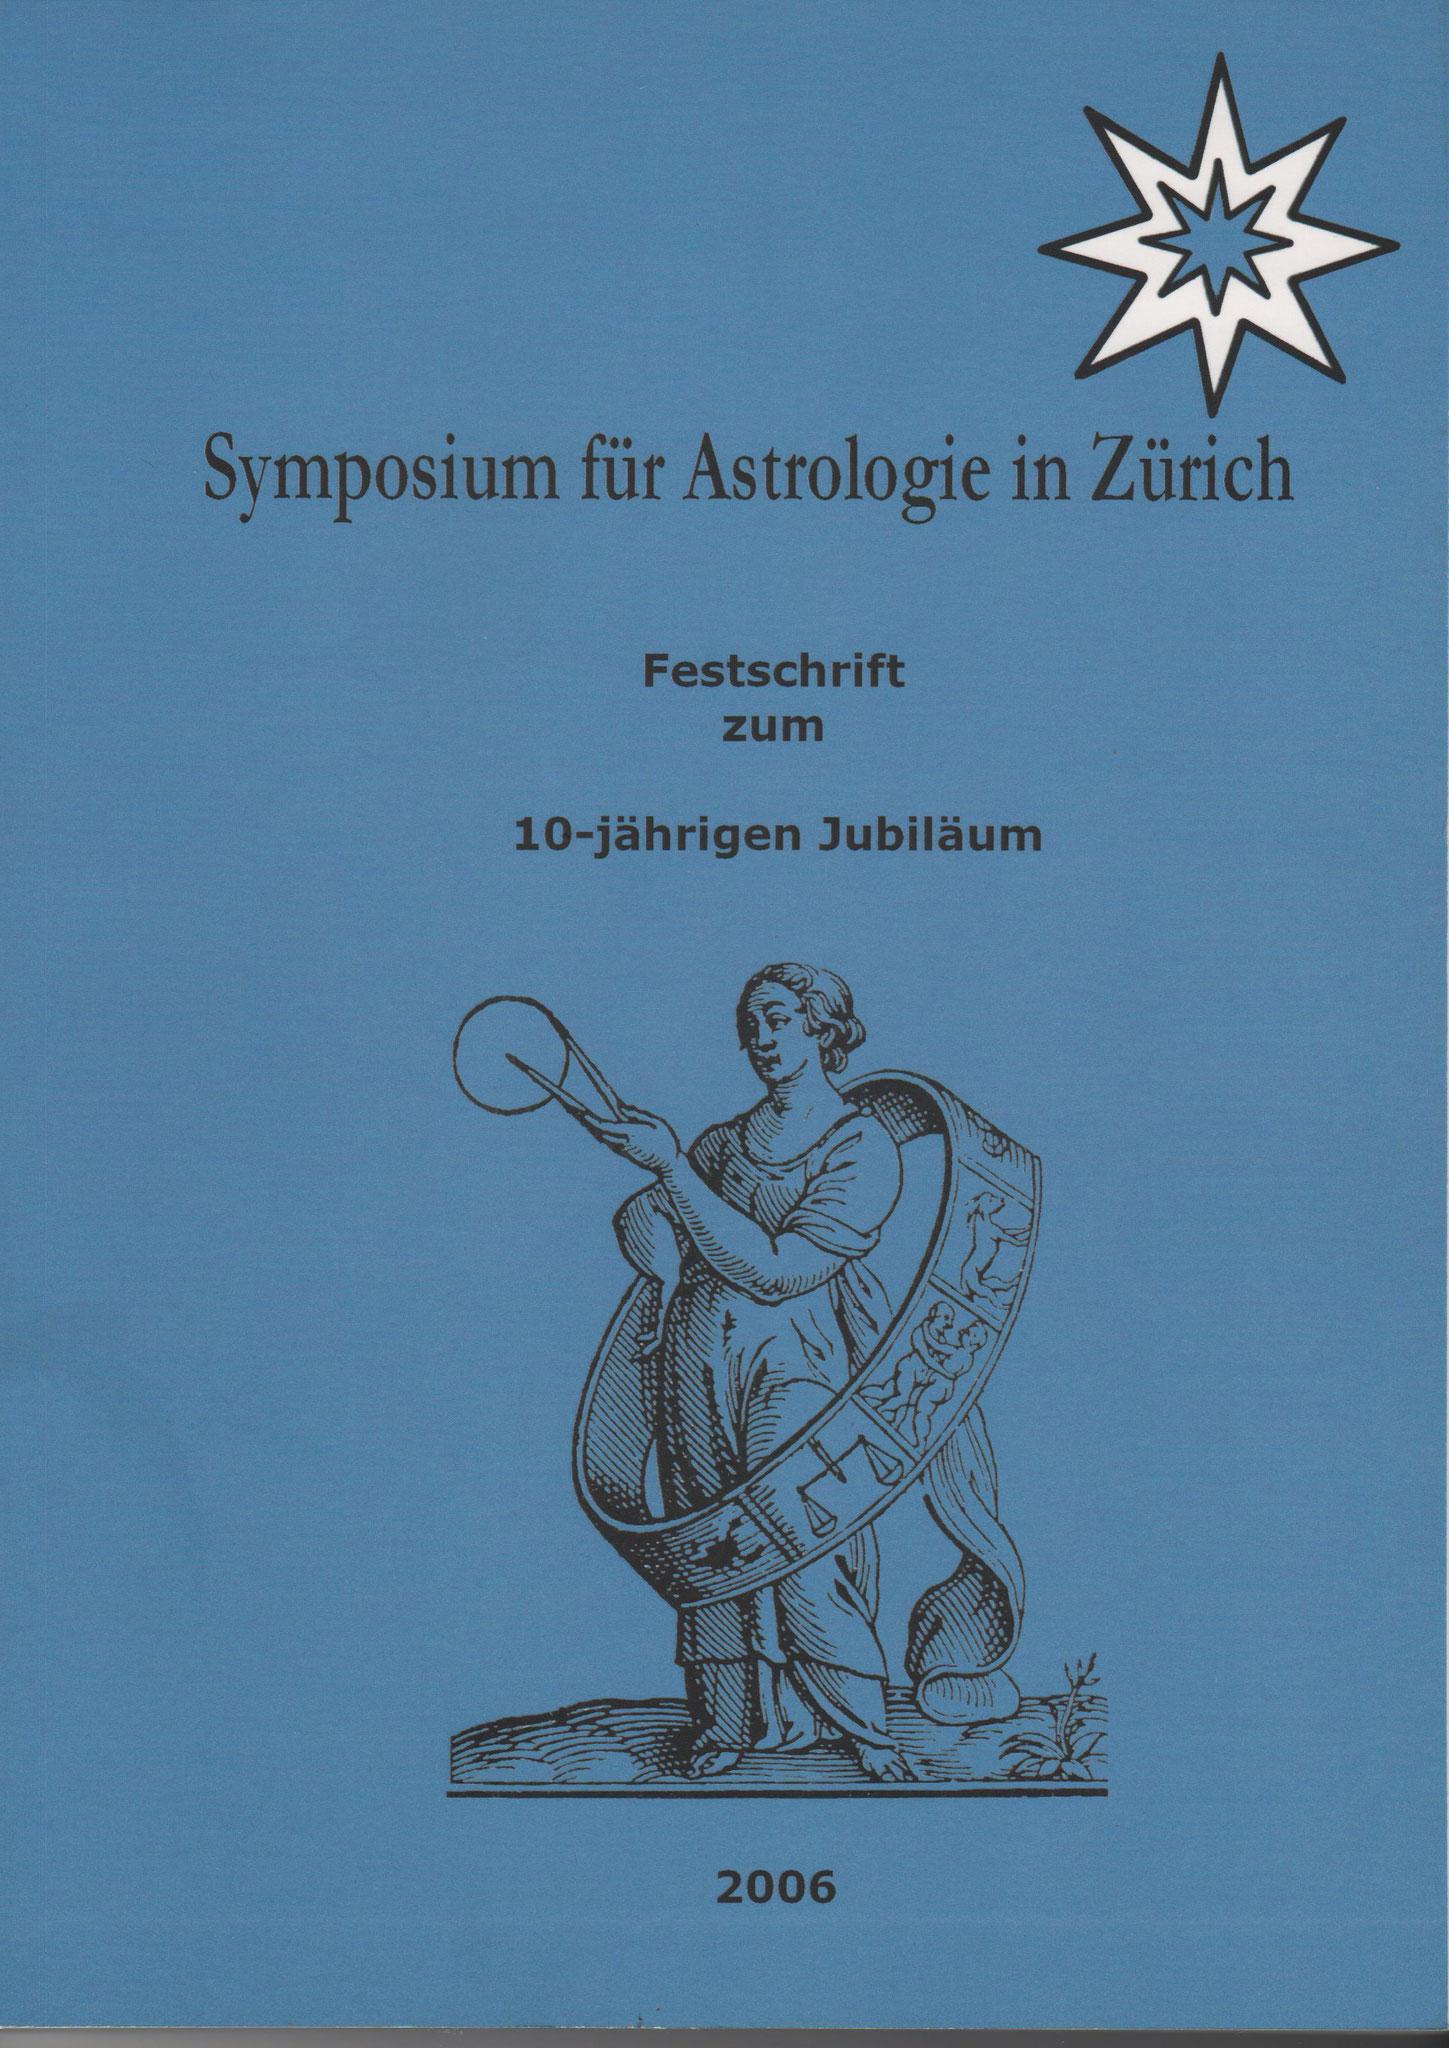 Festschrift zum 10-jährigen Jubiläum der Astrologischen Gesellschaft Zürich (Hrsg.) RA Margarethe Laurent-Cuntz und Rebekka Will